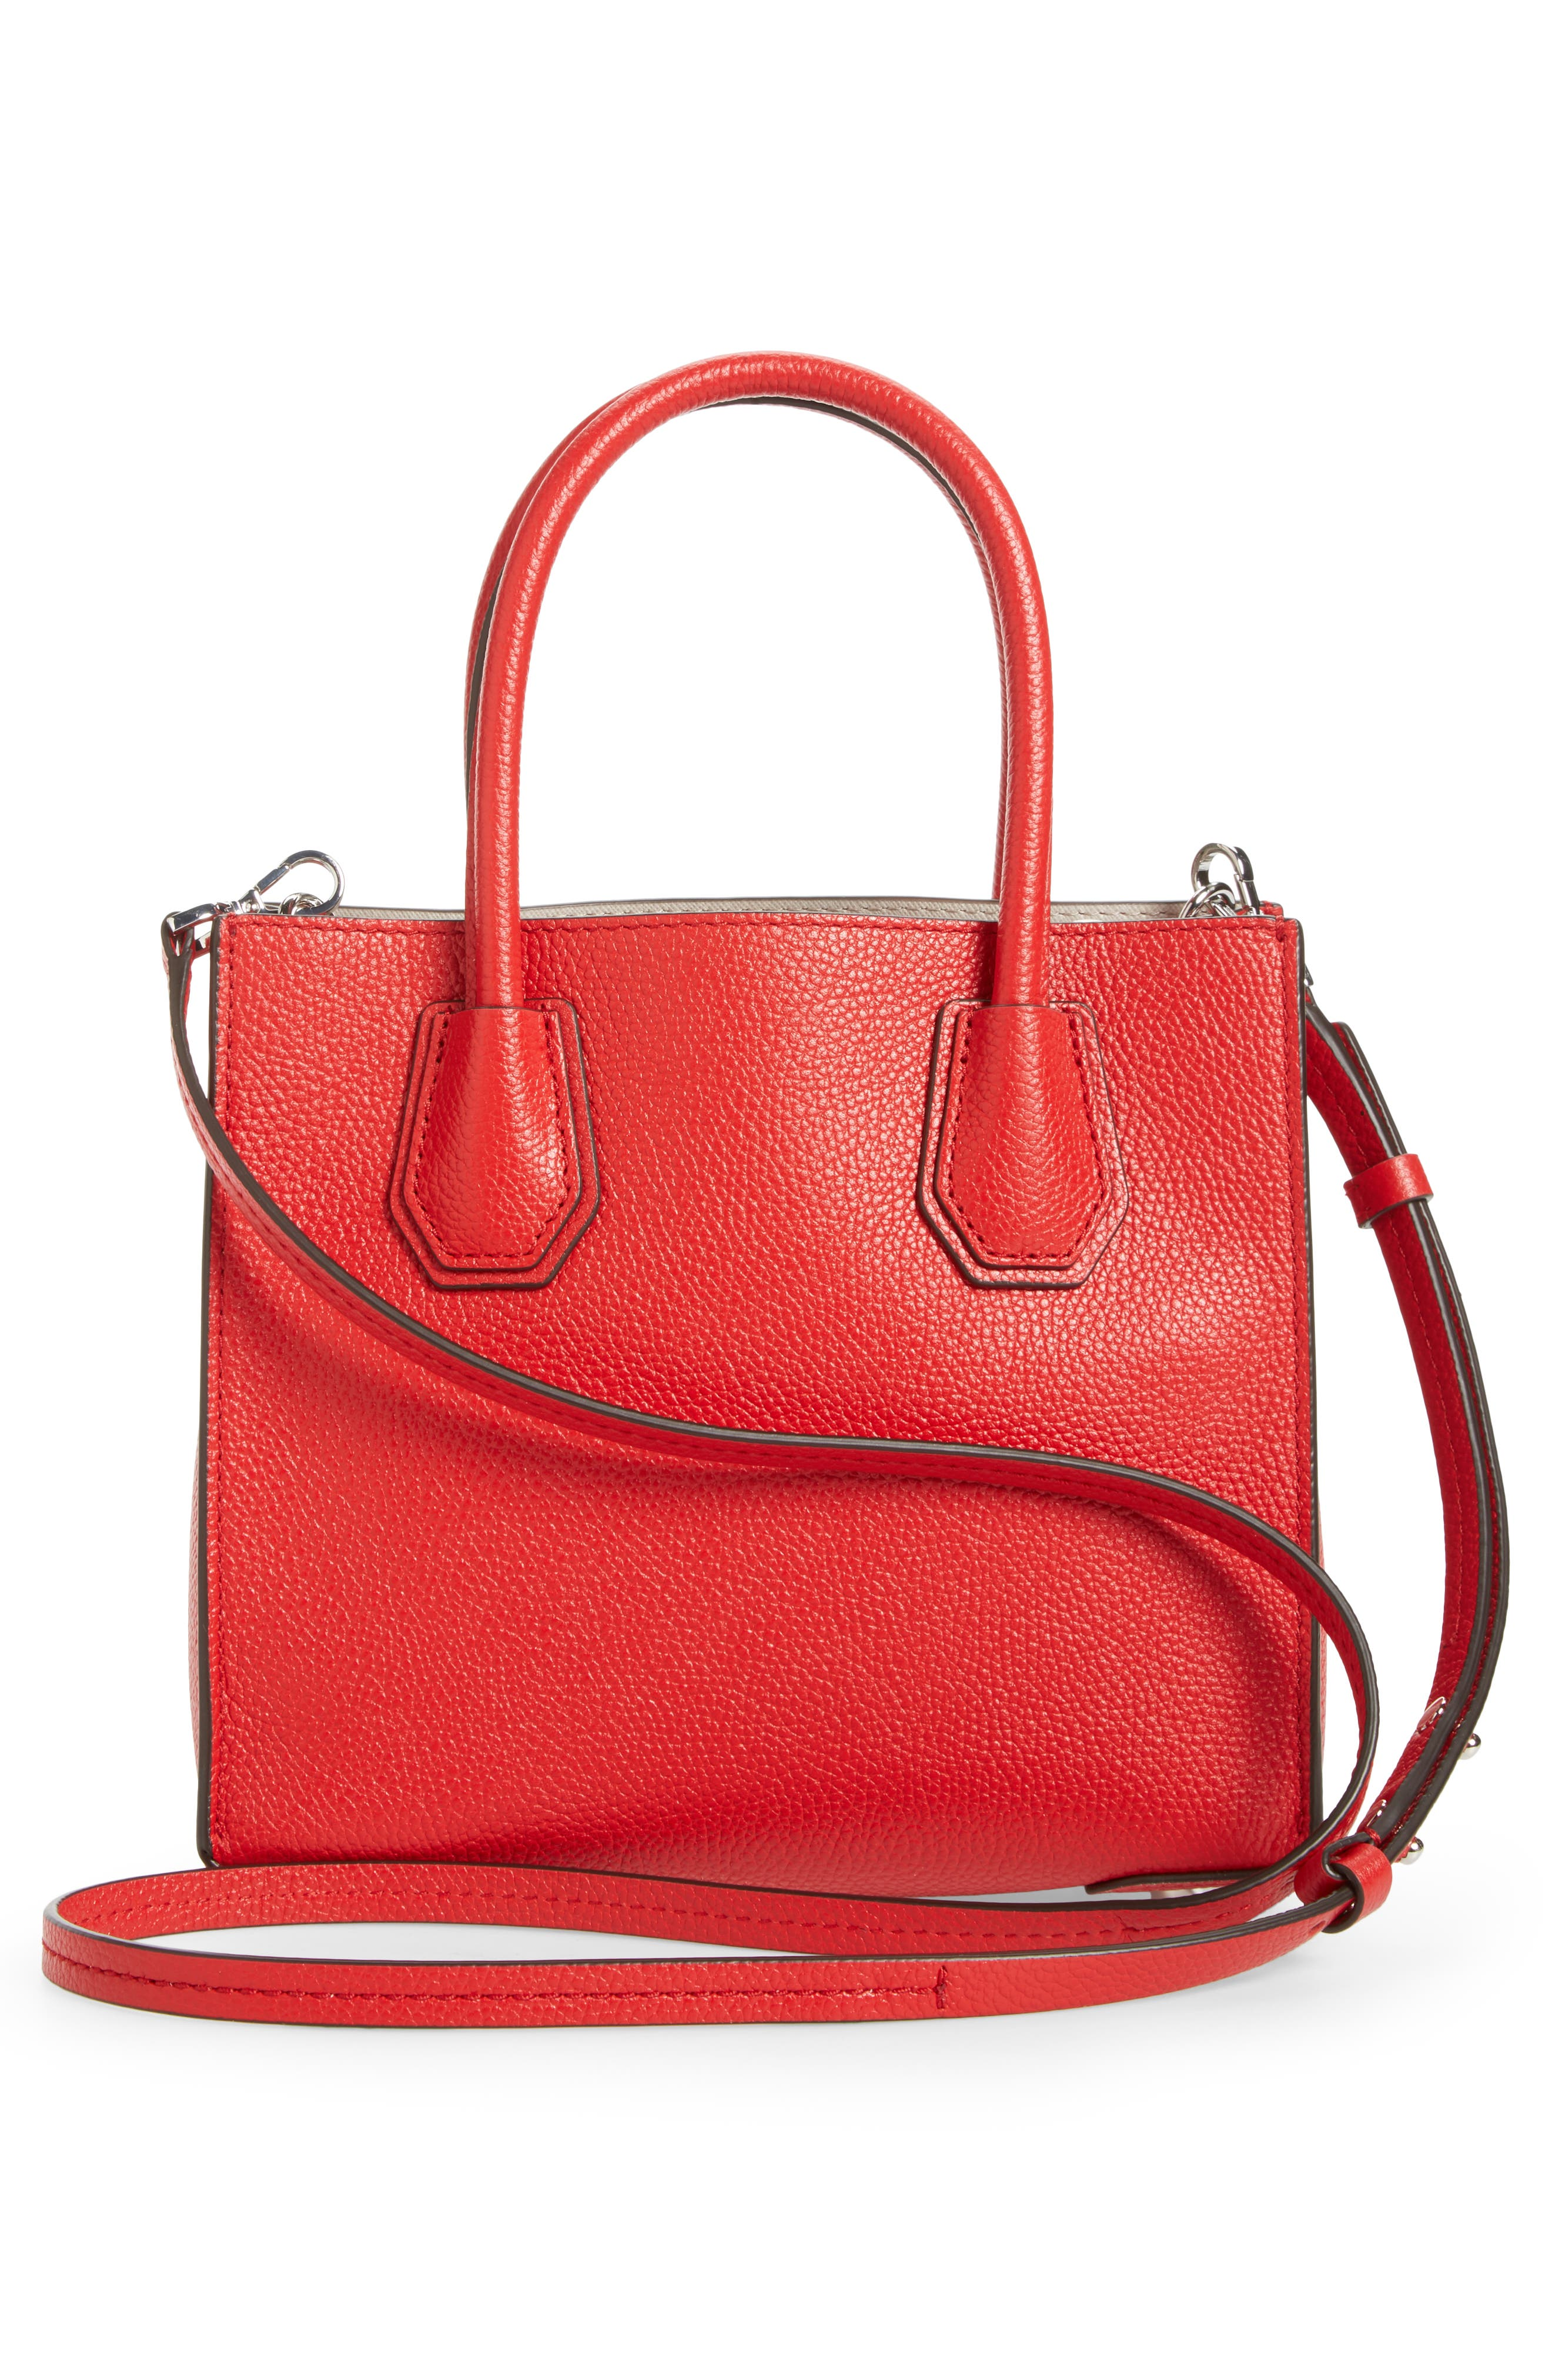 Alternate Image 3  - MICHAEL Michael Kors Mercer Leather Crossbody Bag